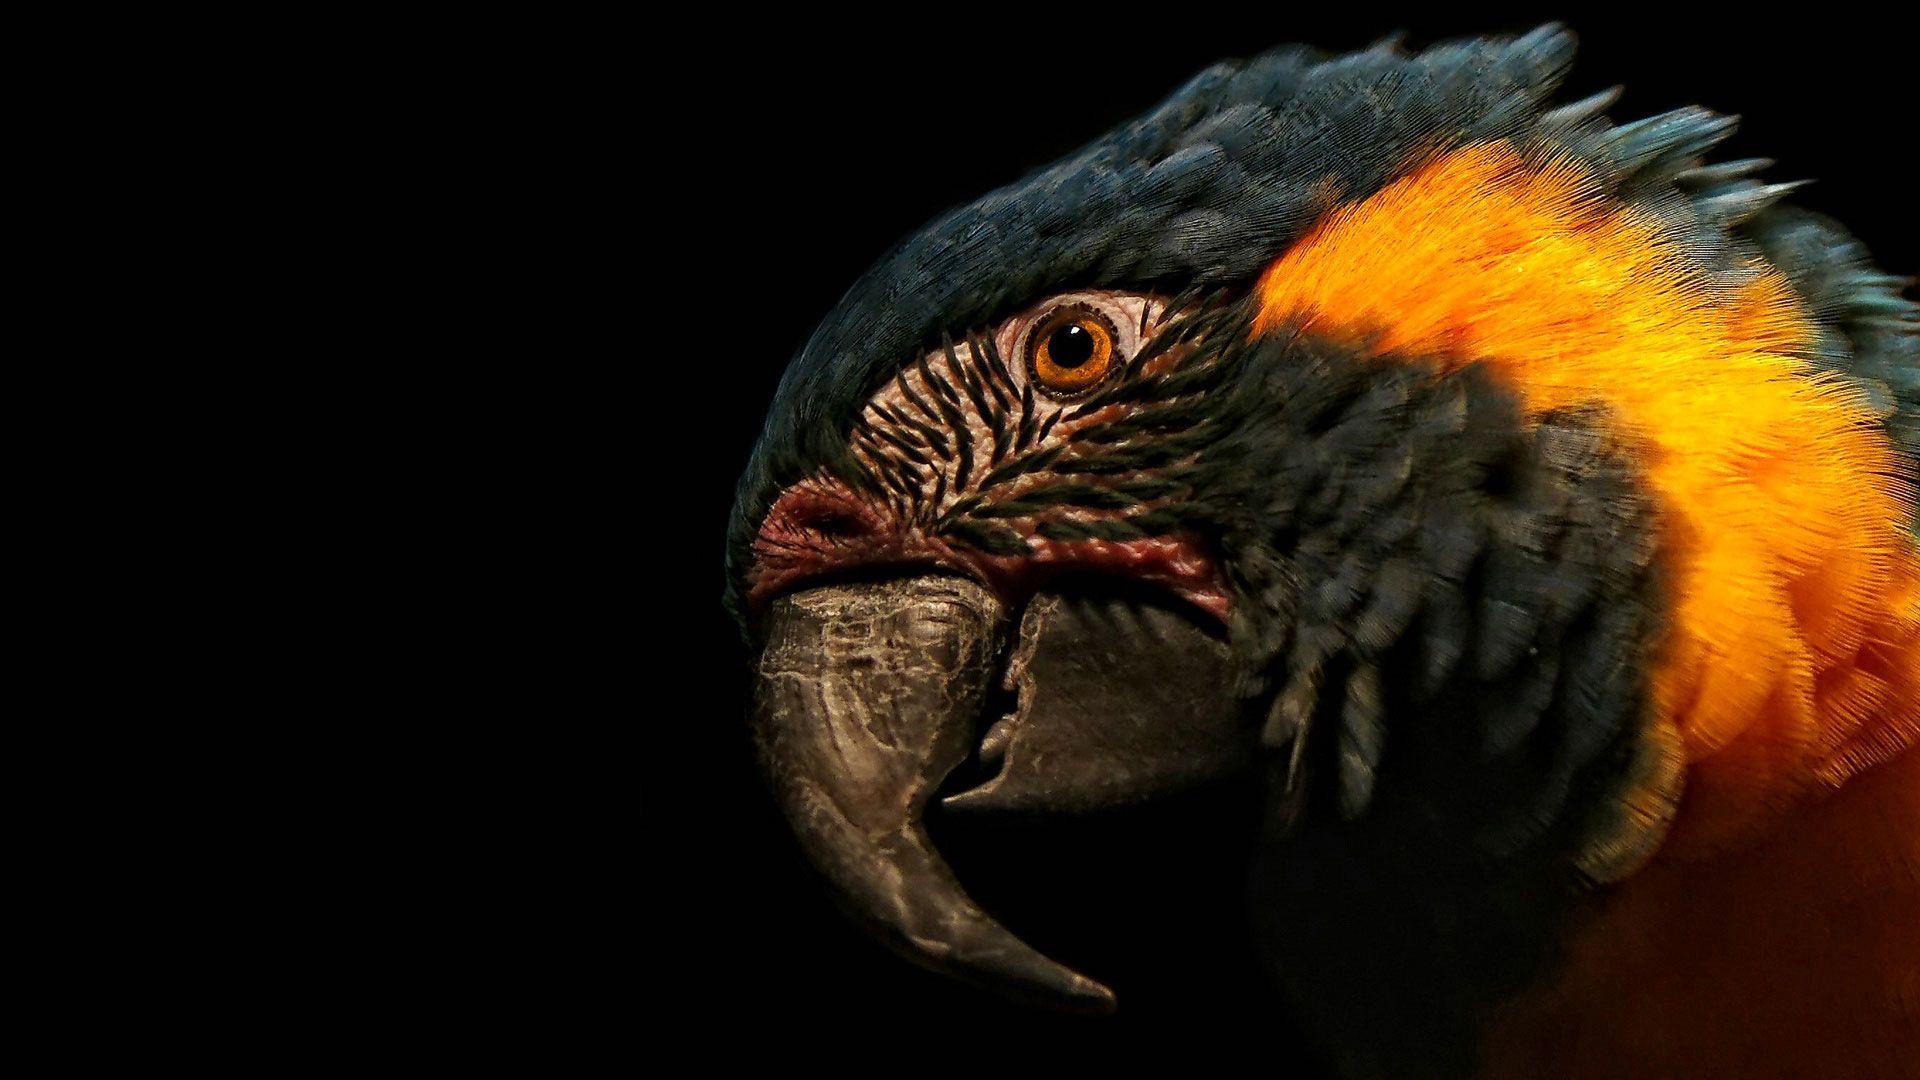 52975 Hintergrundbild herunterladen Tiere, Papageien, Feder, Makro, Schnabel, Kopf - Bildschirmschoner und Bilder kostenlos